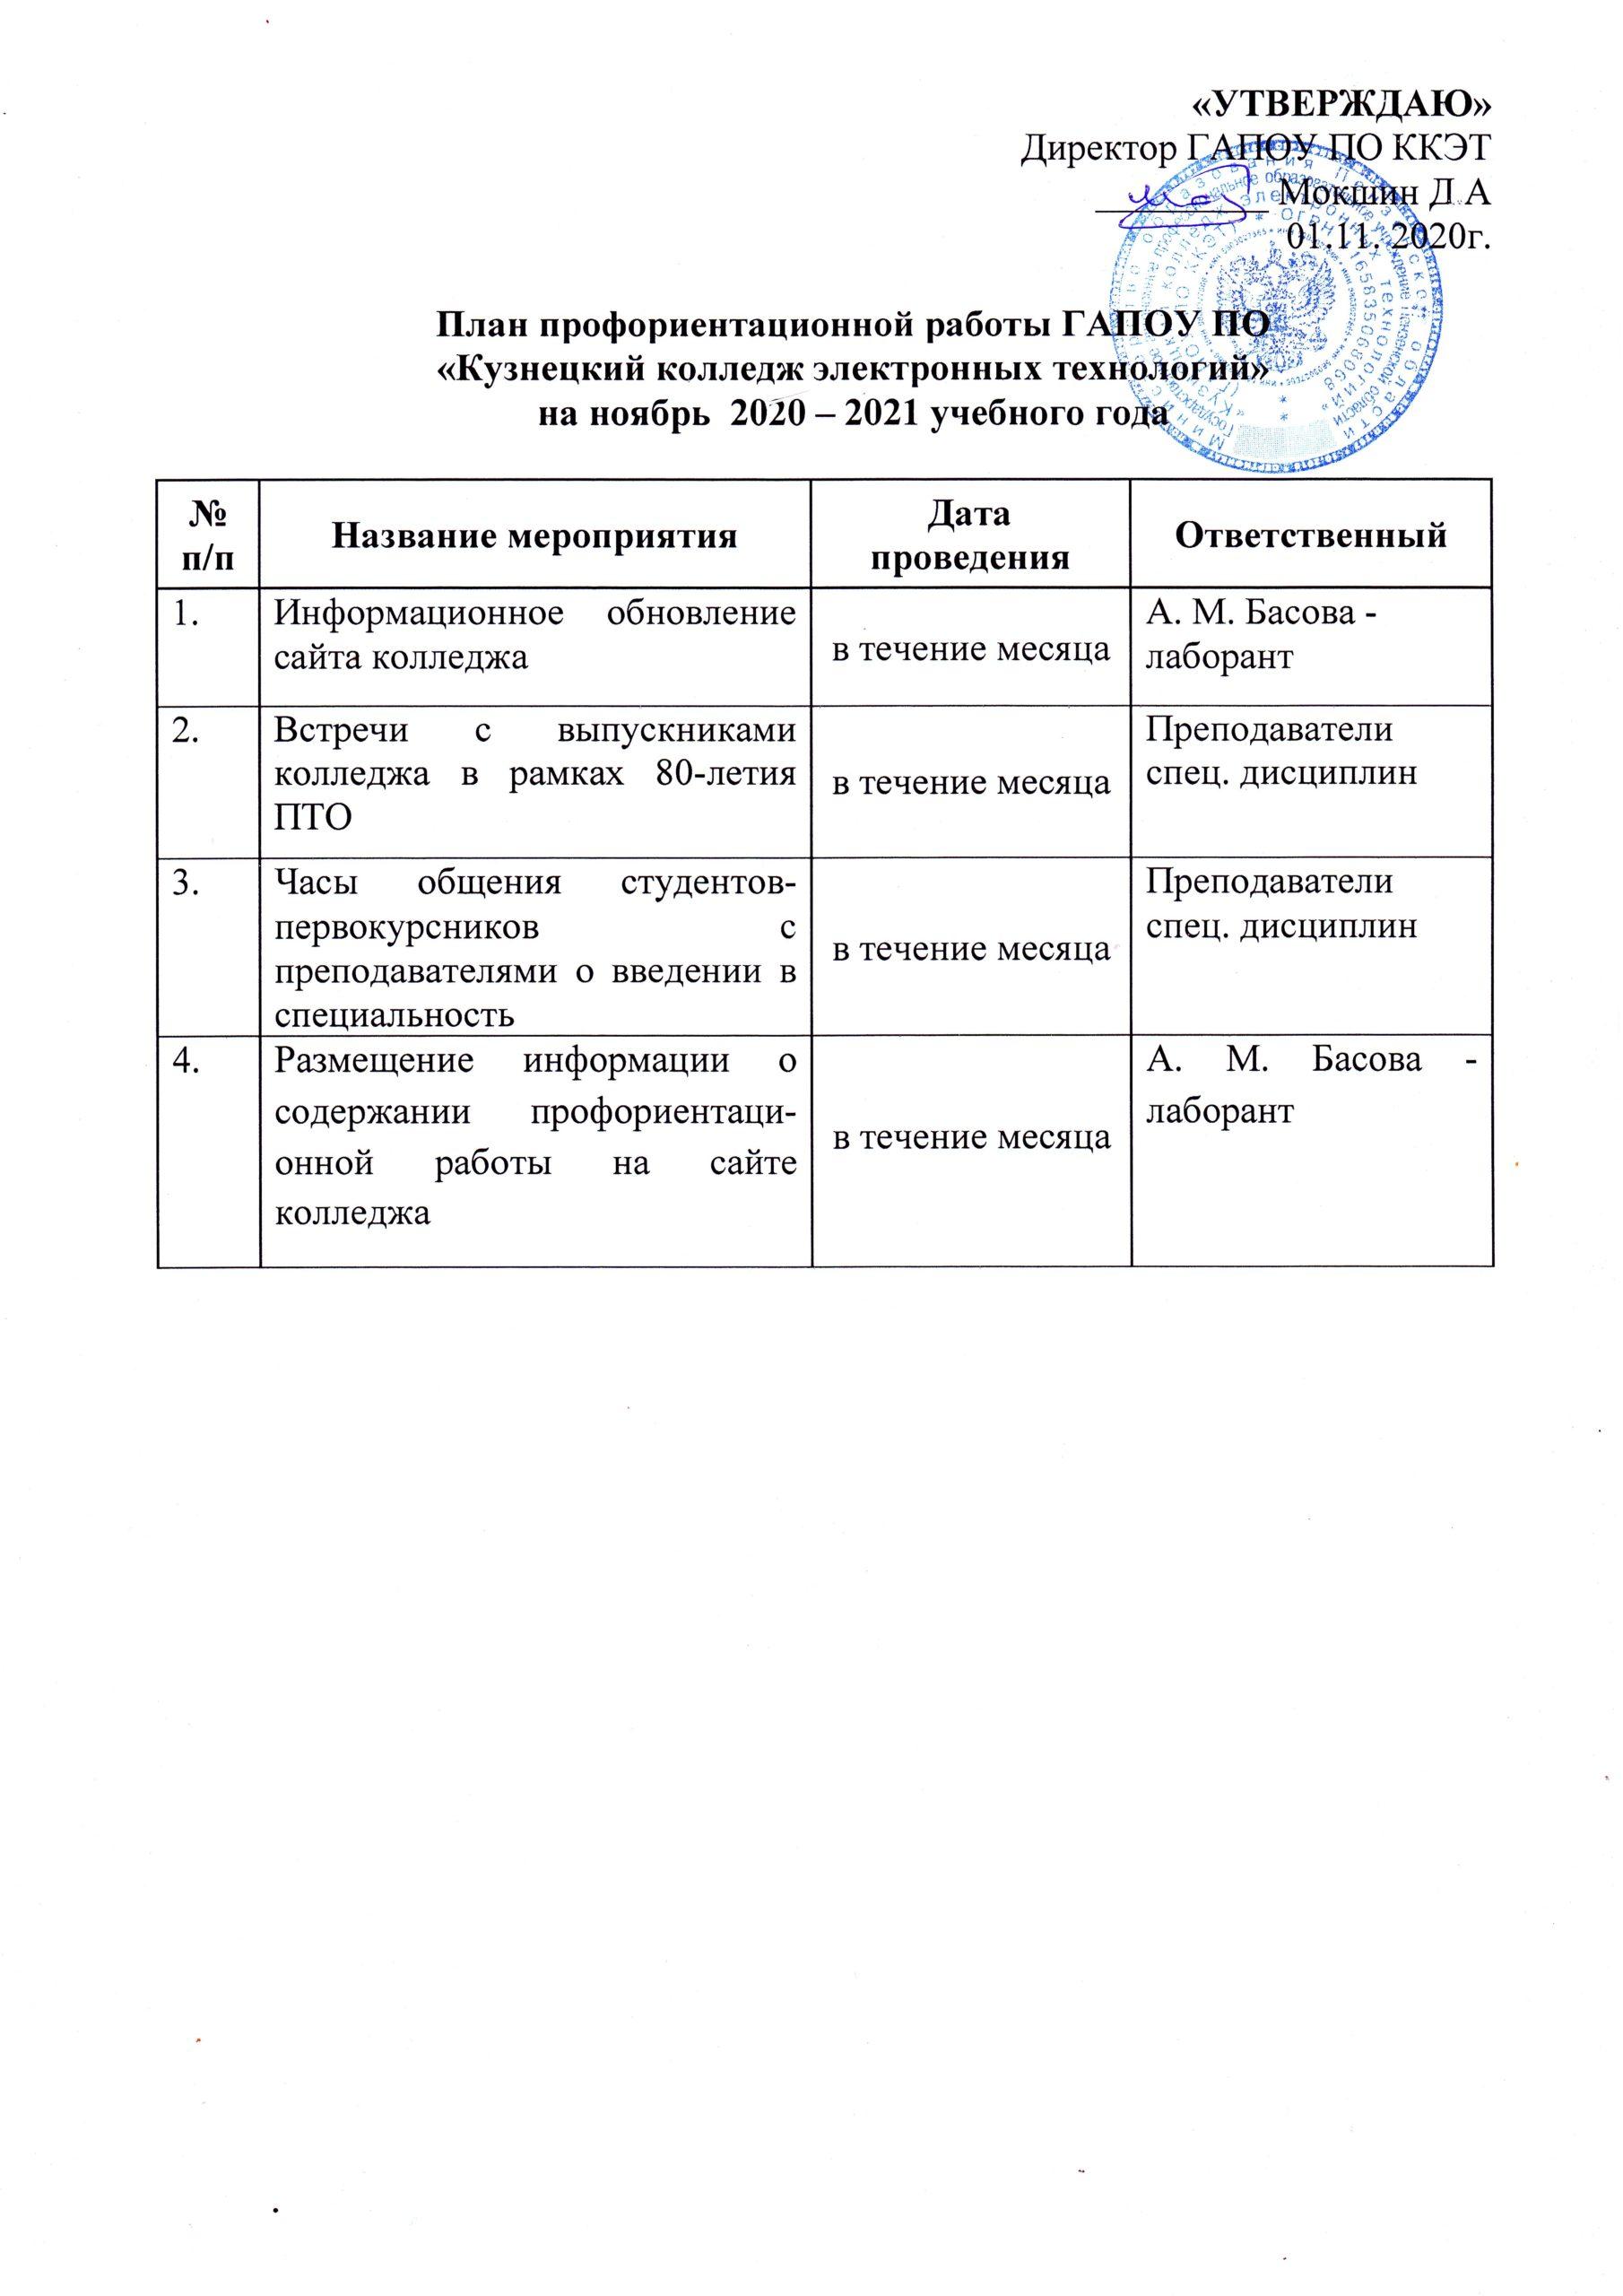 План профориентационной работы на ноябрь 2020-2021 года